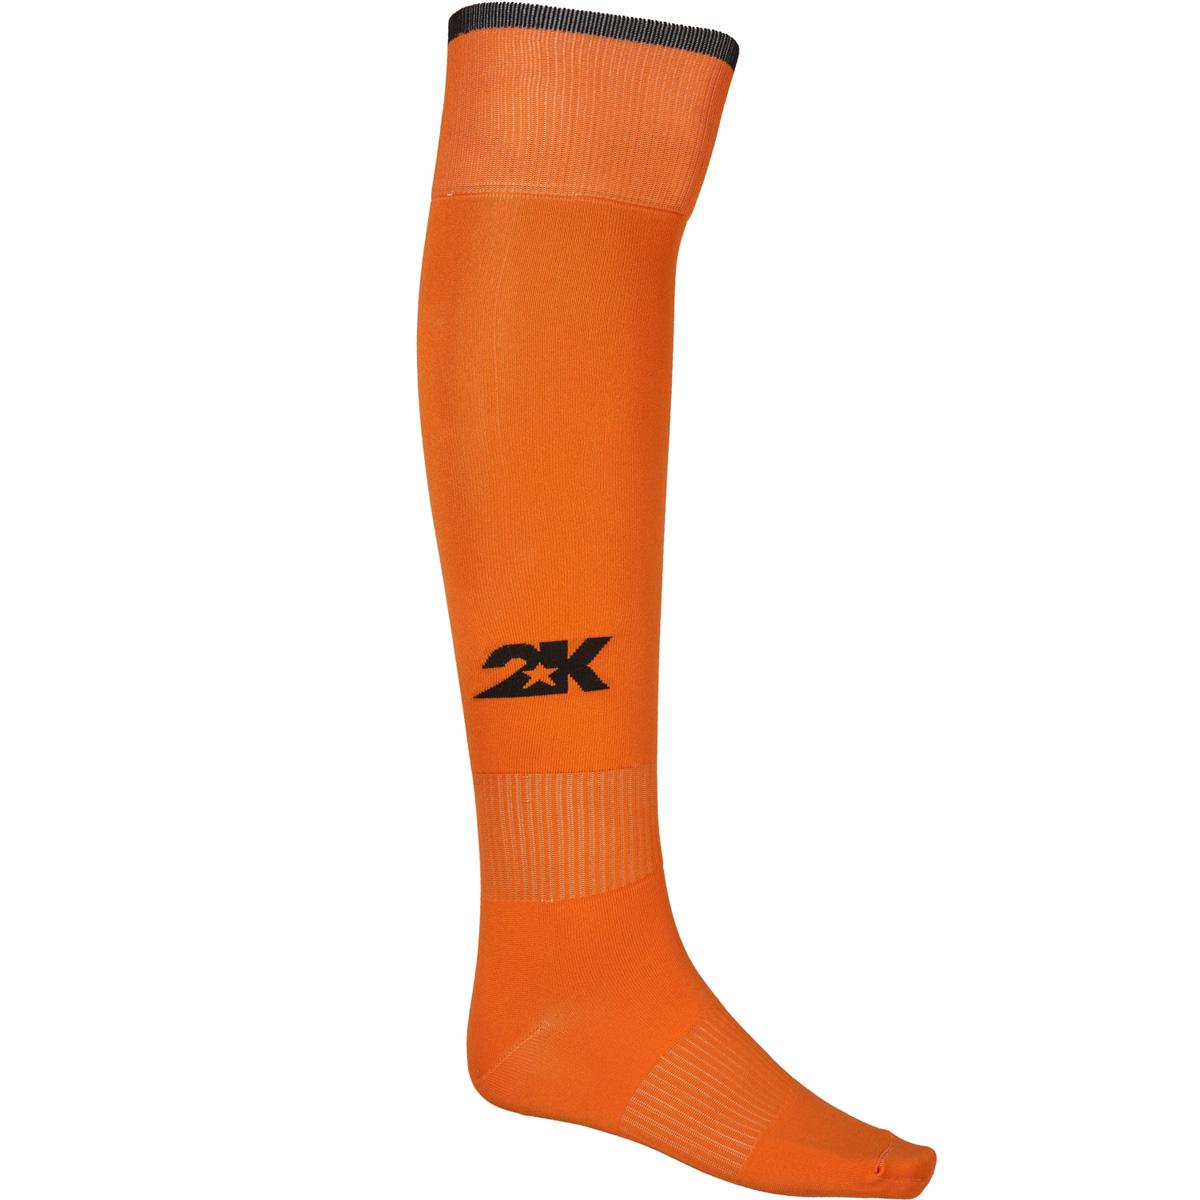 Гетры футбольные 2K Sport Classic, цвет: оранжевый, черный. 120334. Размер 36/40120334_orange/blackКлассические футбольные гетры выполнены из высококачественного материала. Оформлены логотипом бренда.